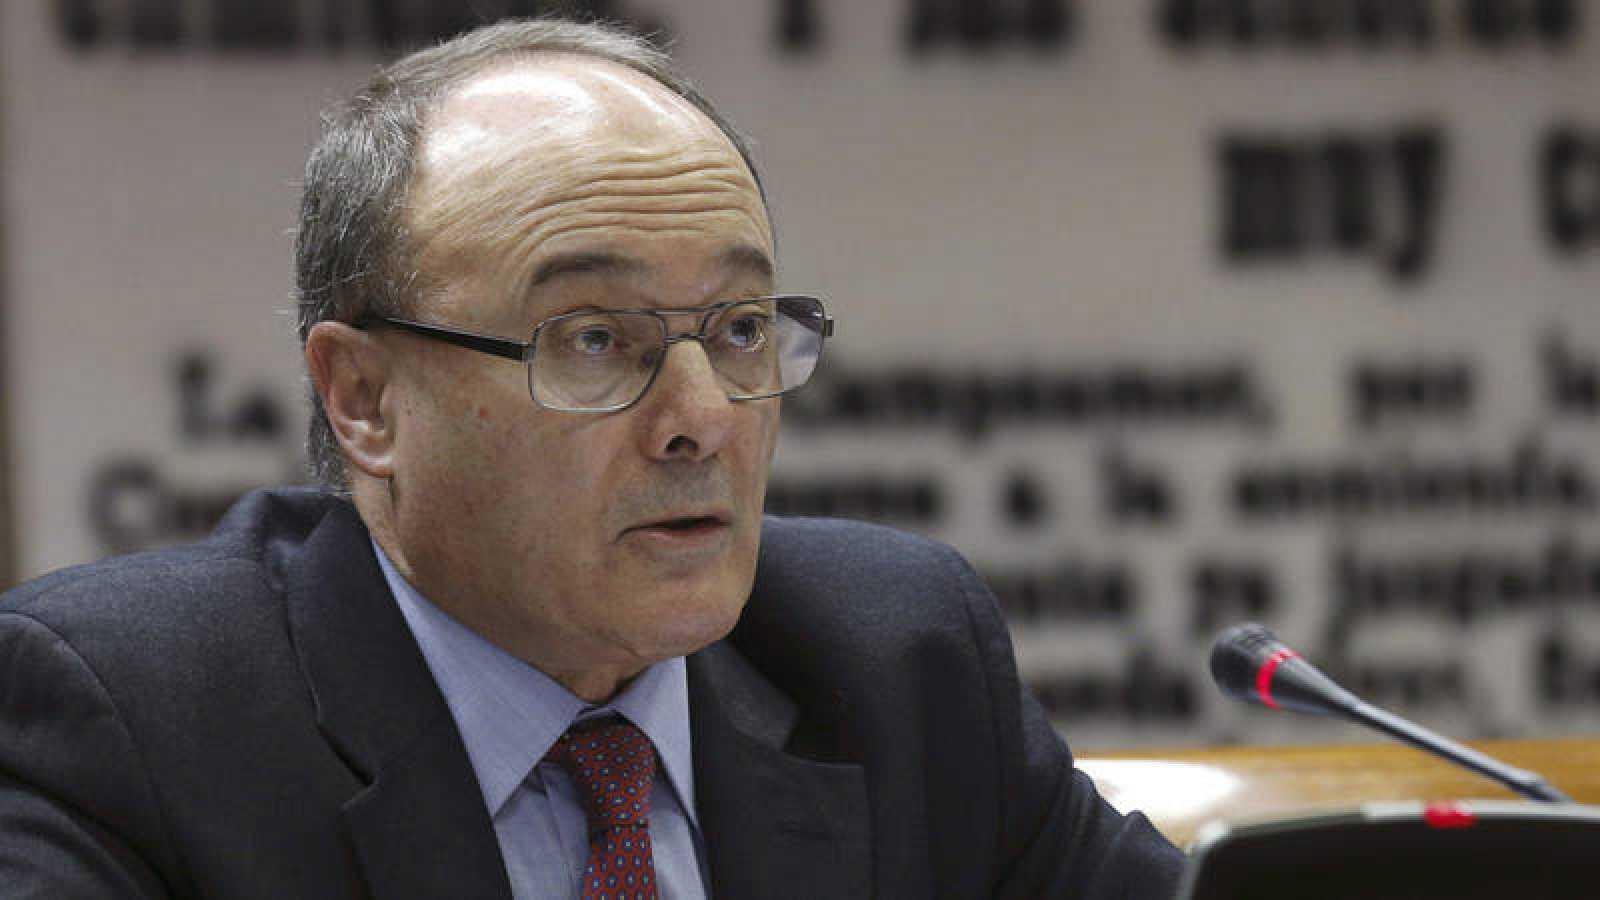 El exgobernador del Banco de España, Luis María Linde, en una imagen de archivo